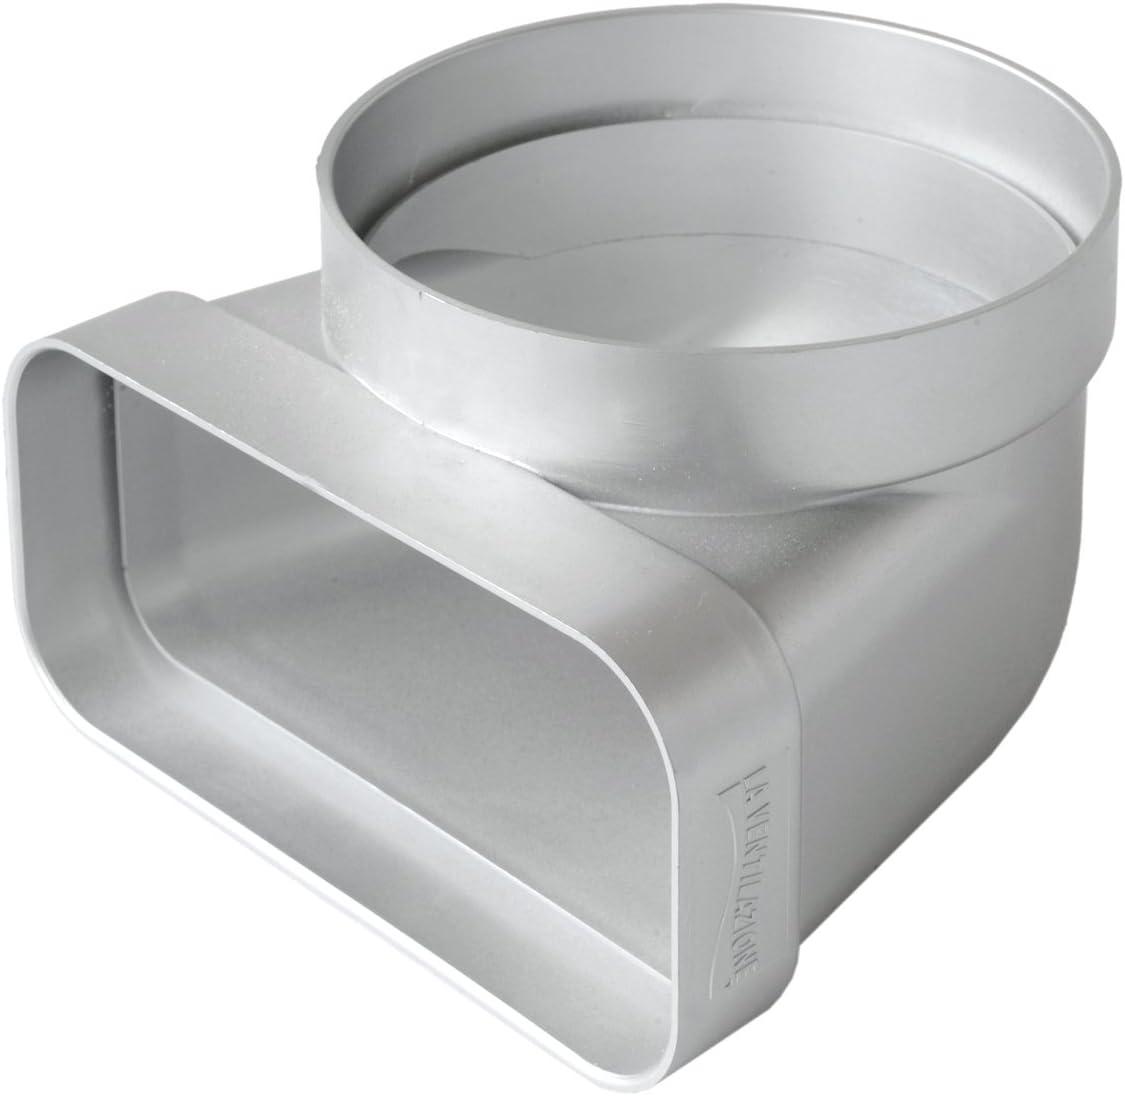 La ventilación cgv157ac-y curva vertical de ABS para ventilación canalizzata, cromado satinado, 125Mm-150X 70Mm